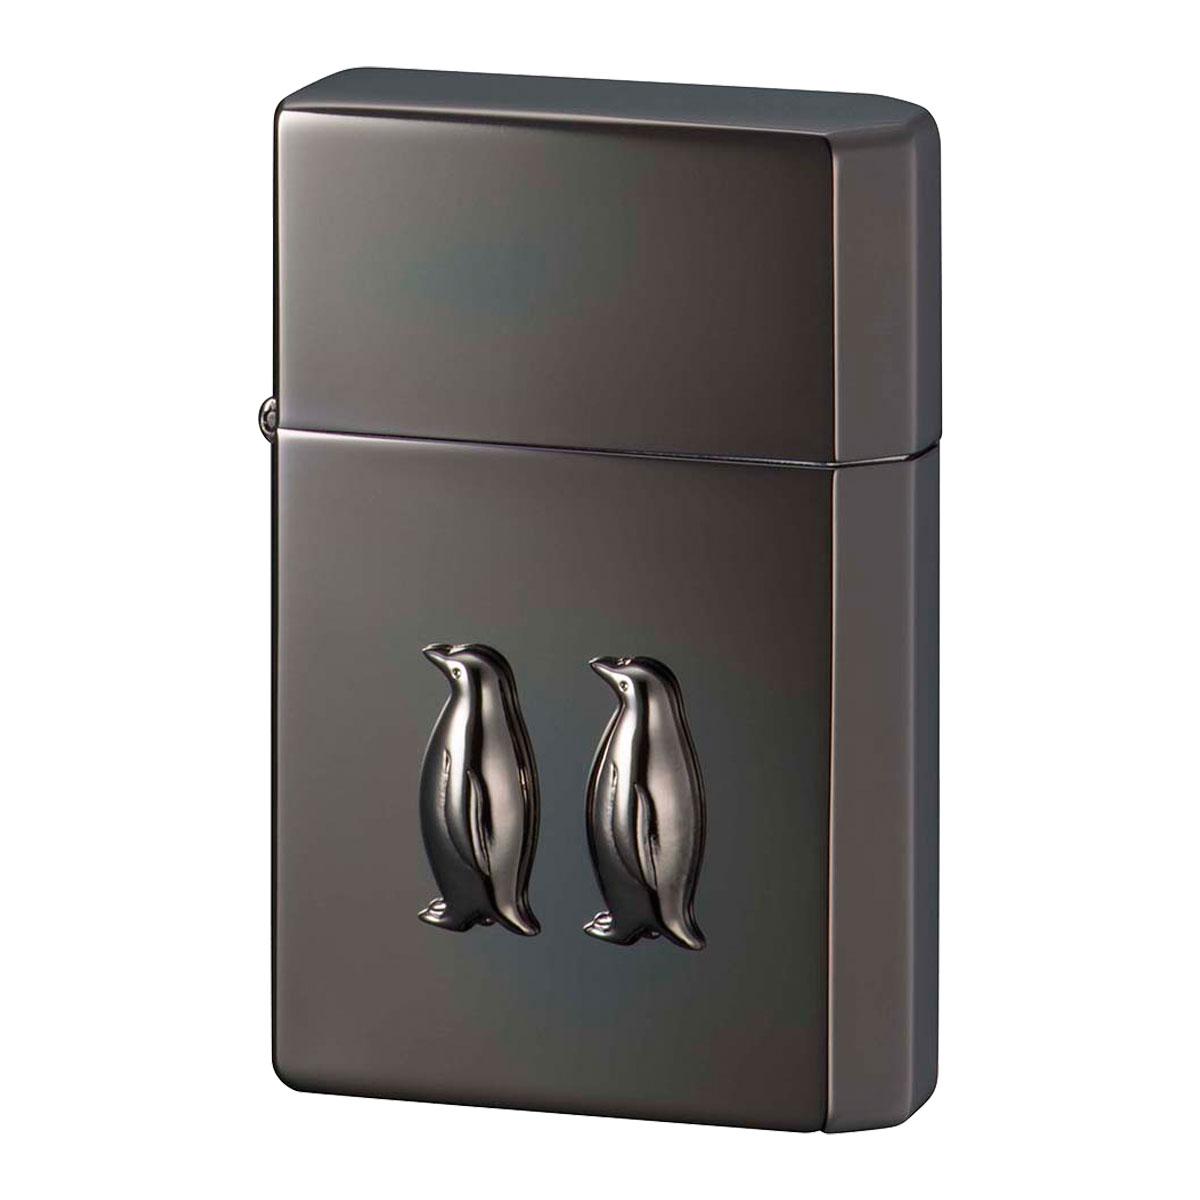 ライター オイルライター 名入れ ギアトップ ペンギンメタル イオンブラック 名入れ ギフト